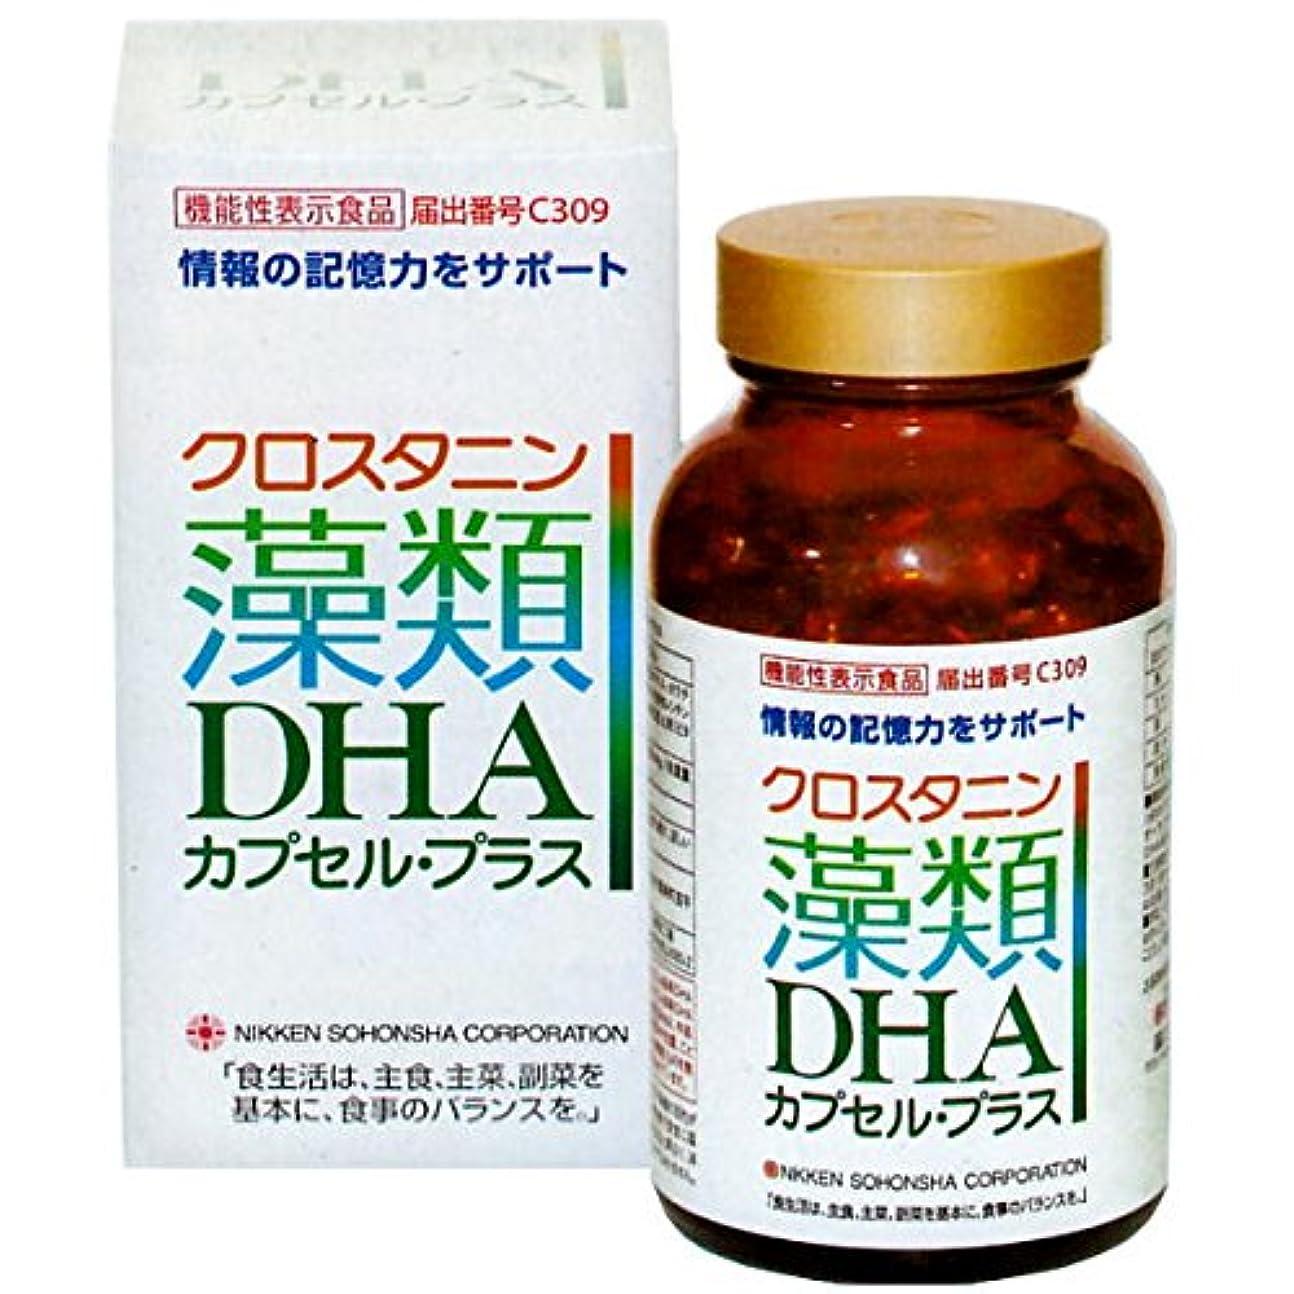 フルート絶えず検出するクロスタニン 藻類DHAカプセル?プラス [機能性表示食品] 45日分 270粒